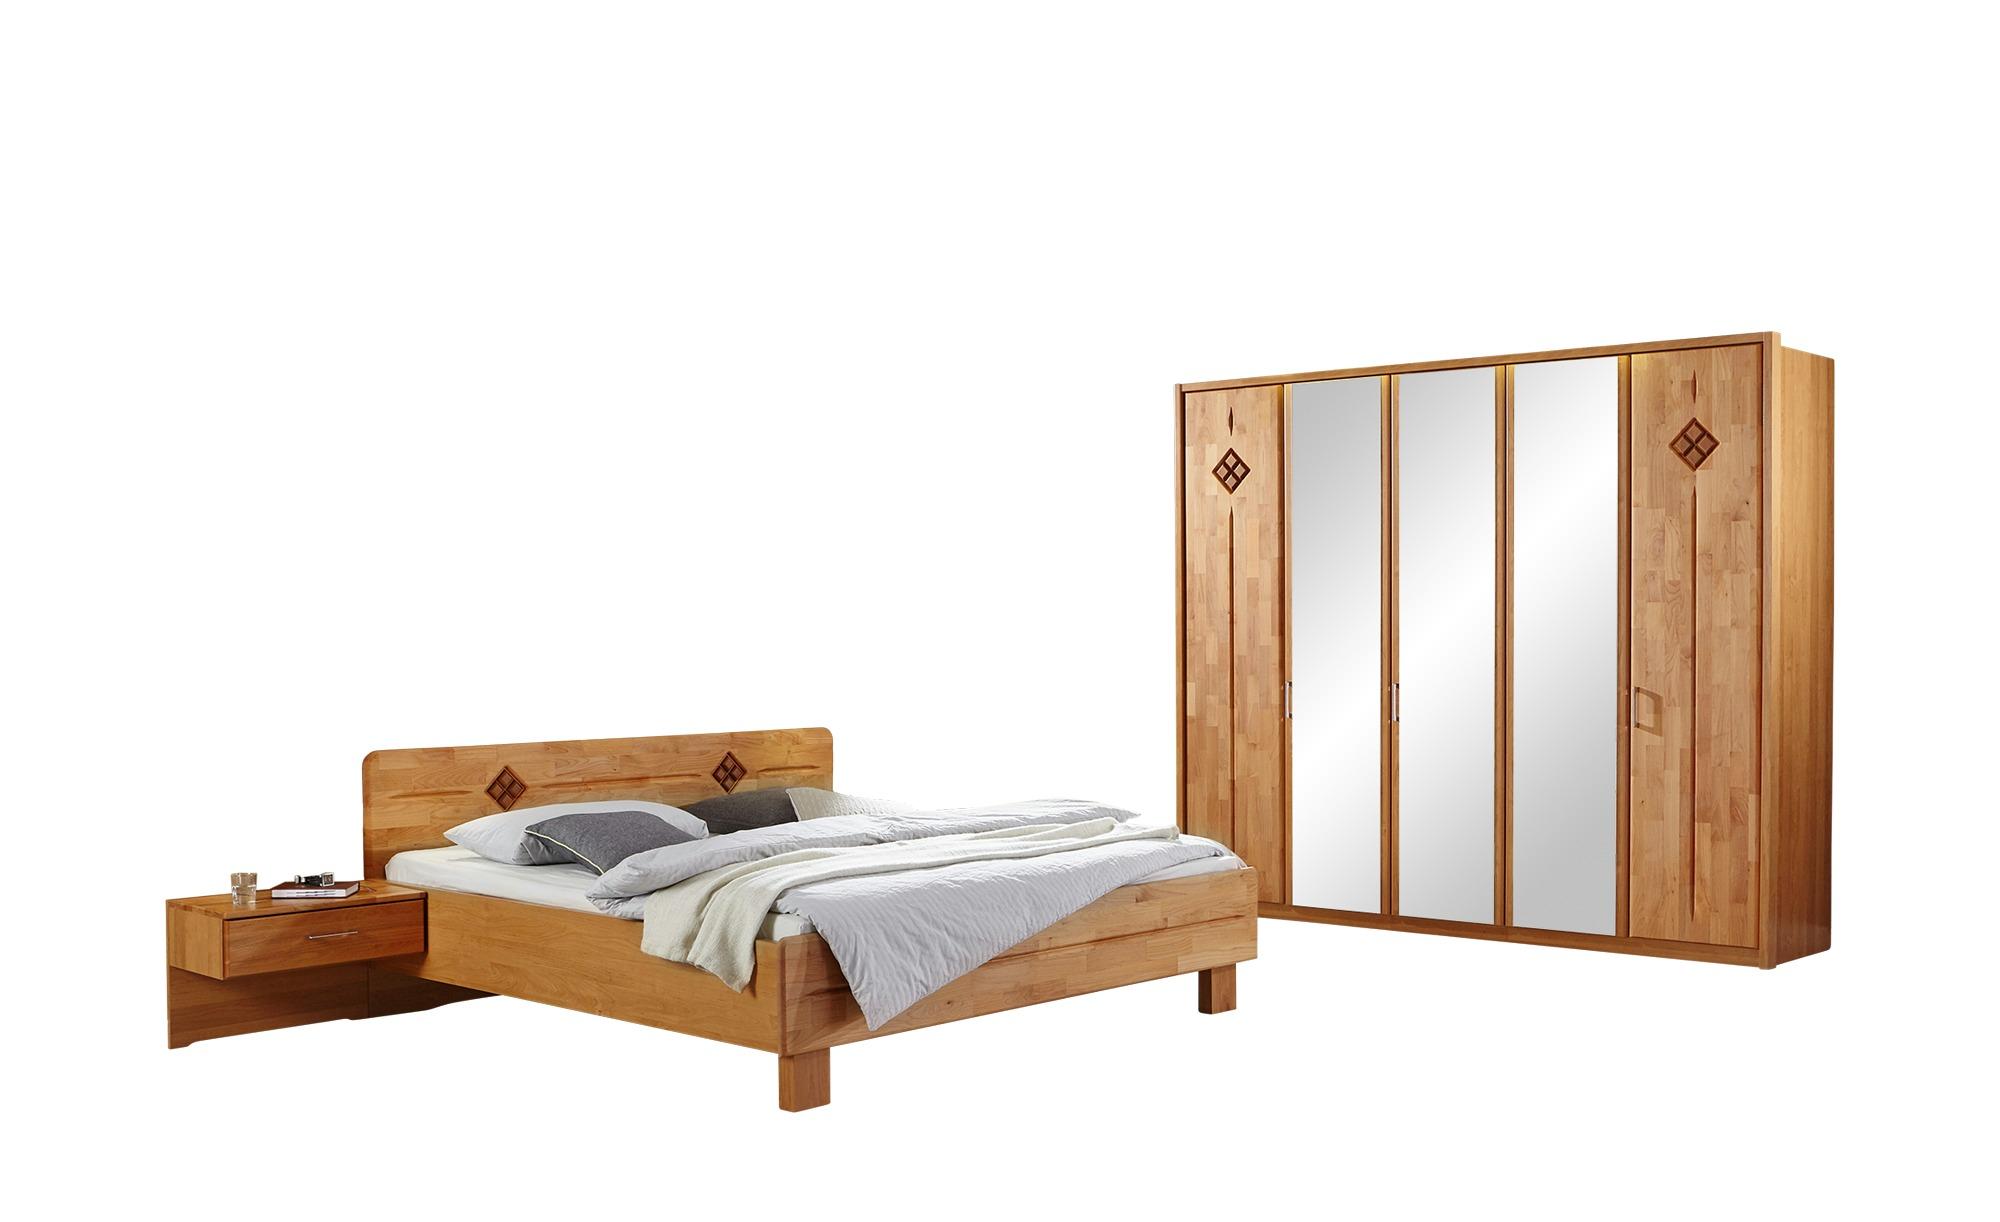 Woodford Komplett-Schlafzimmer 4-tlg. Genua, gefunden bei Möbel Höffner